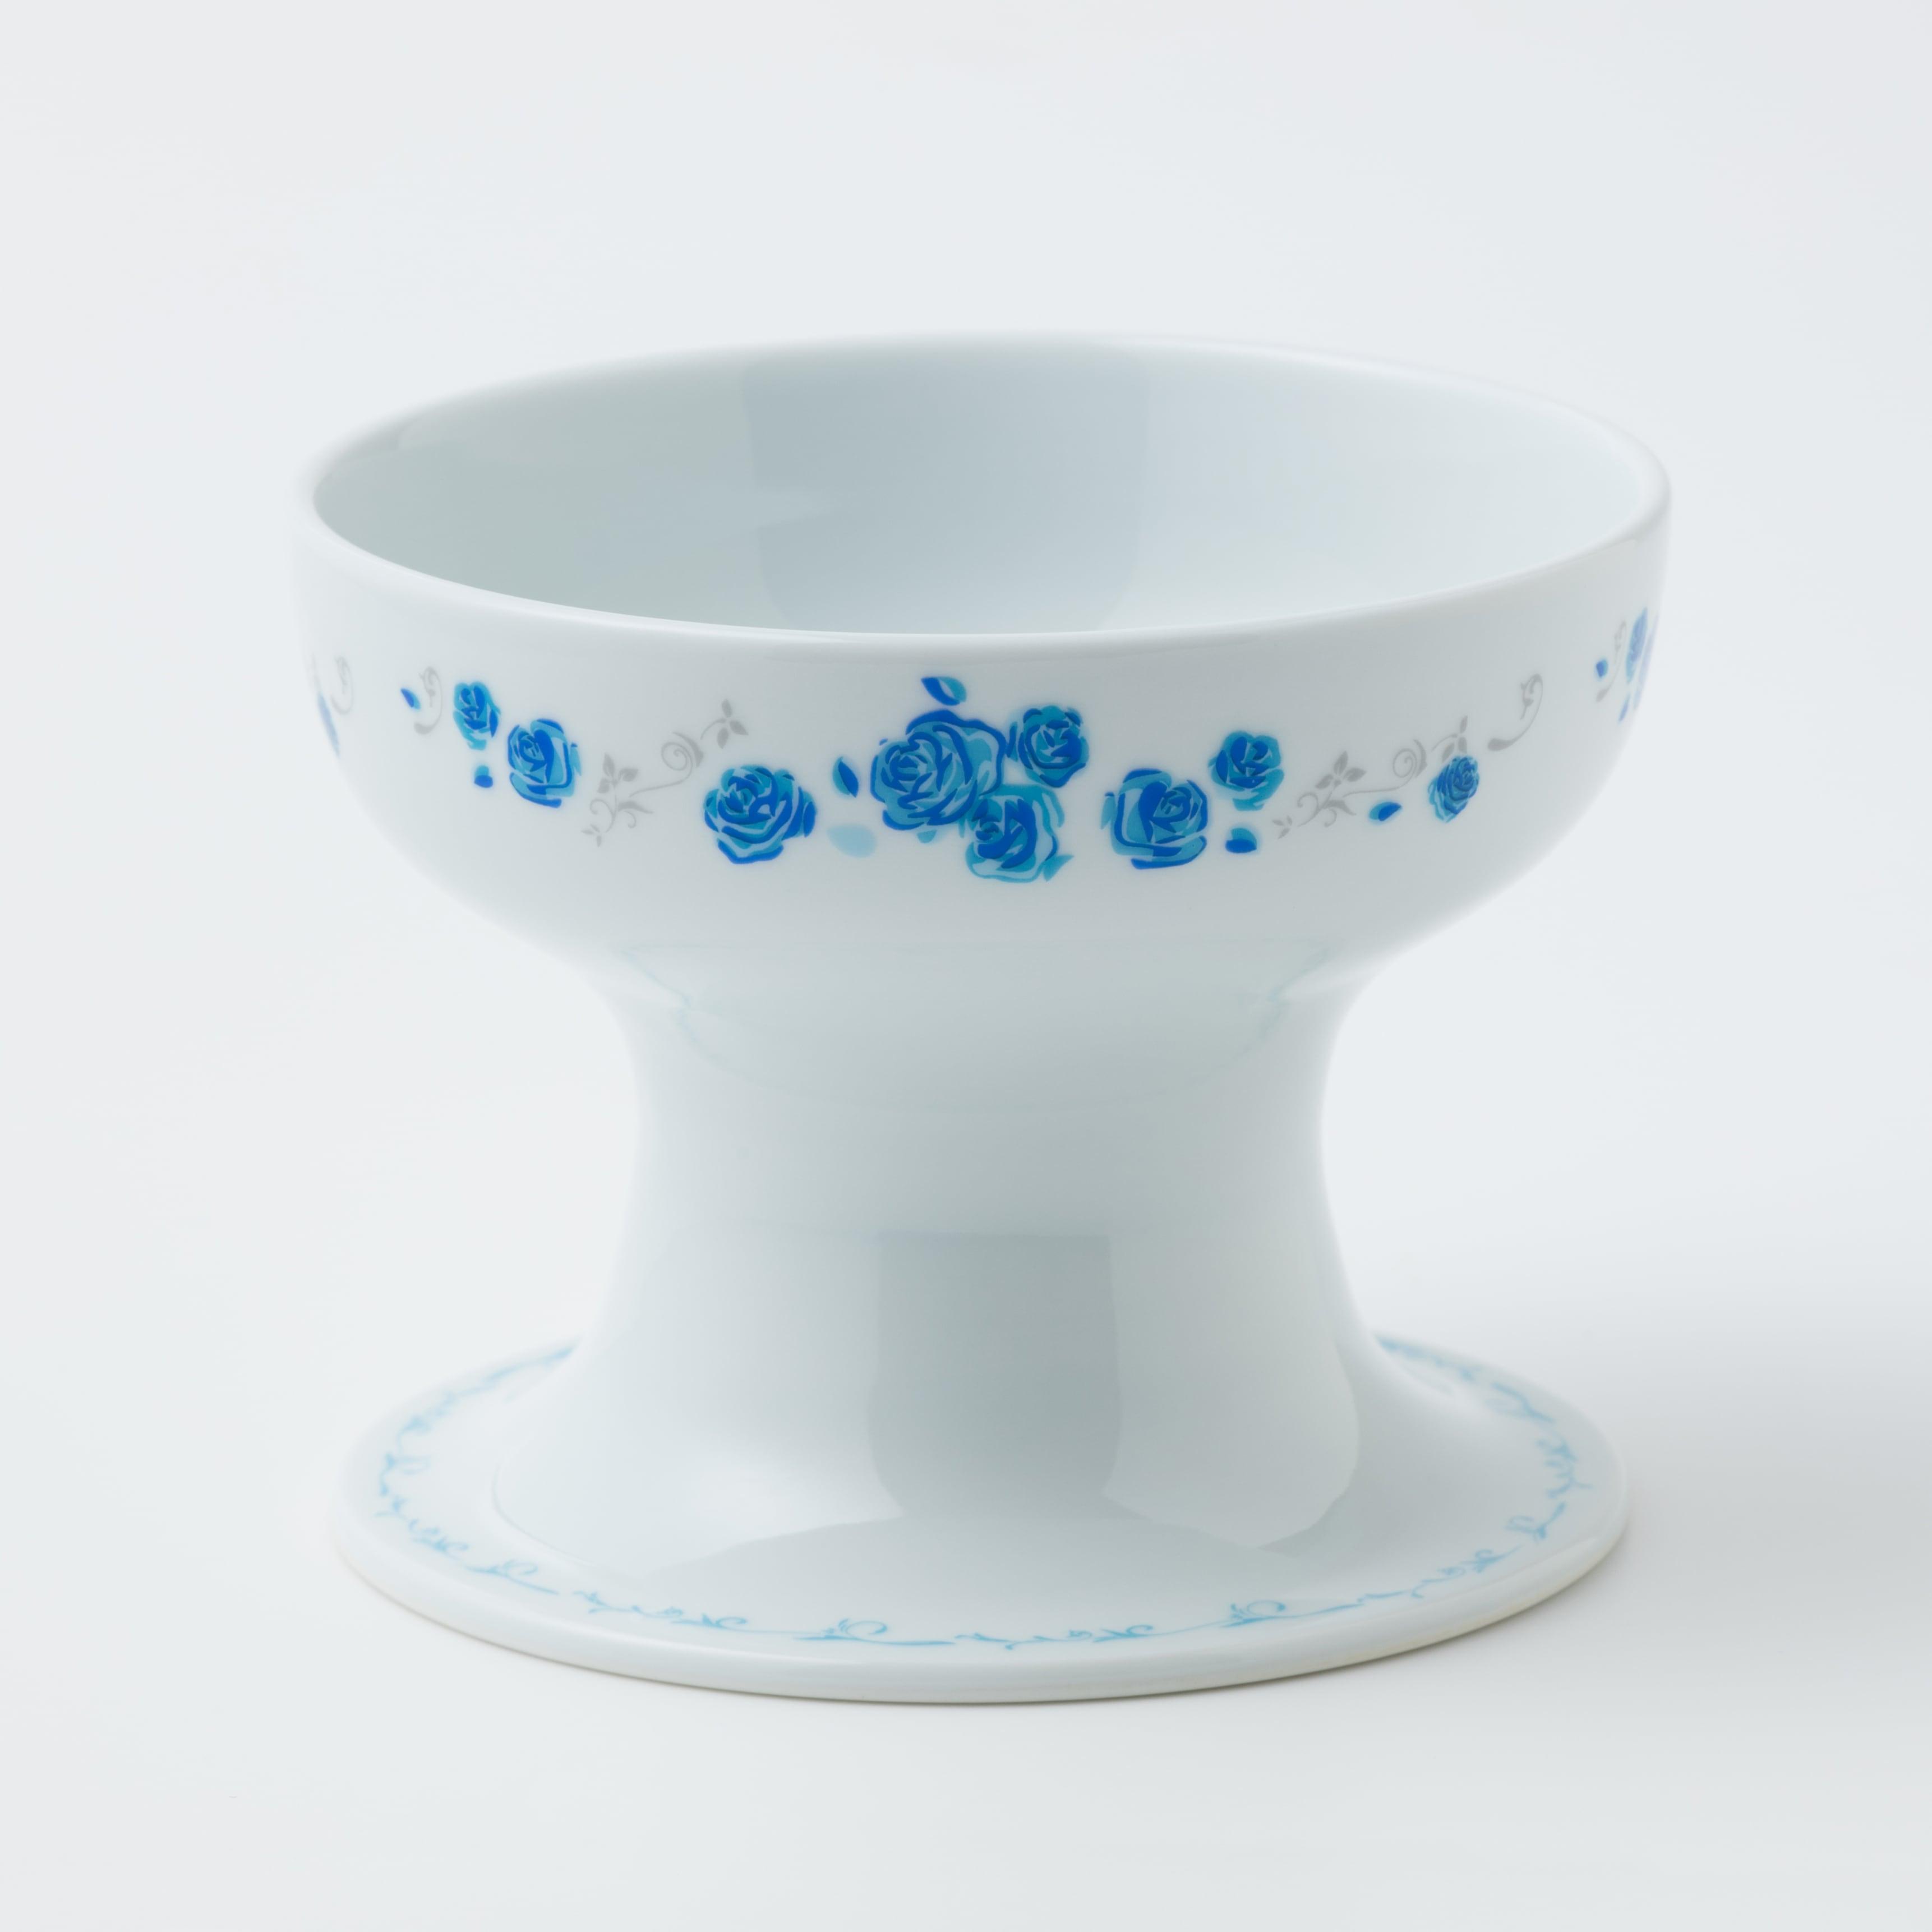 有田焼【ローズ】 ハイタイプ(フード用) ブルー 製造:江口製陶所